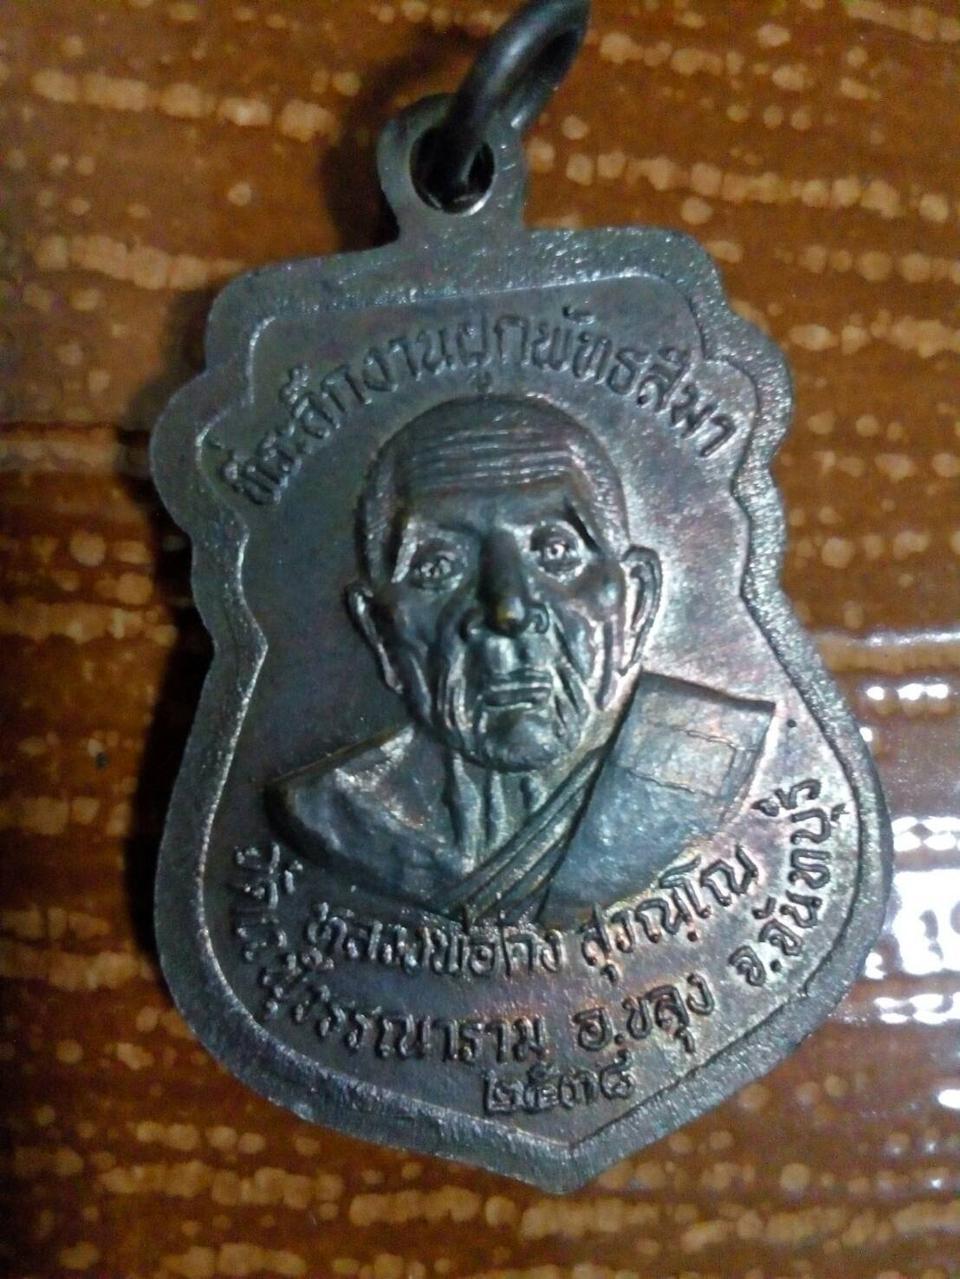 เหรียญหลงพ่อคง  สุวรณุโณ ที่ระลึกงานผูกพัทธสีมา    ปี 2538 รูปที่ 3